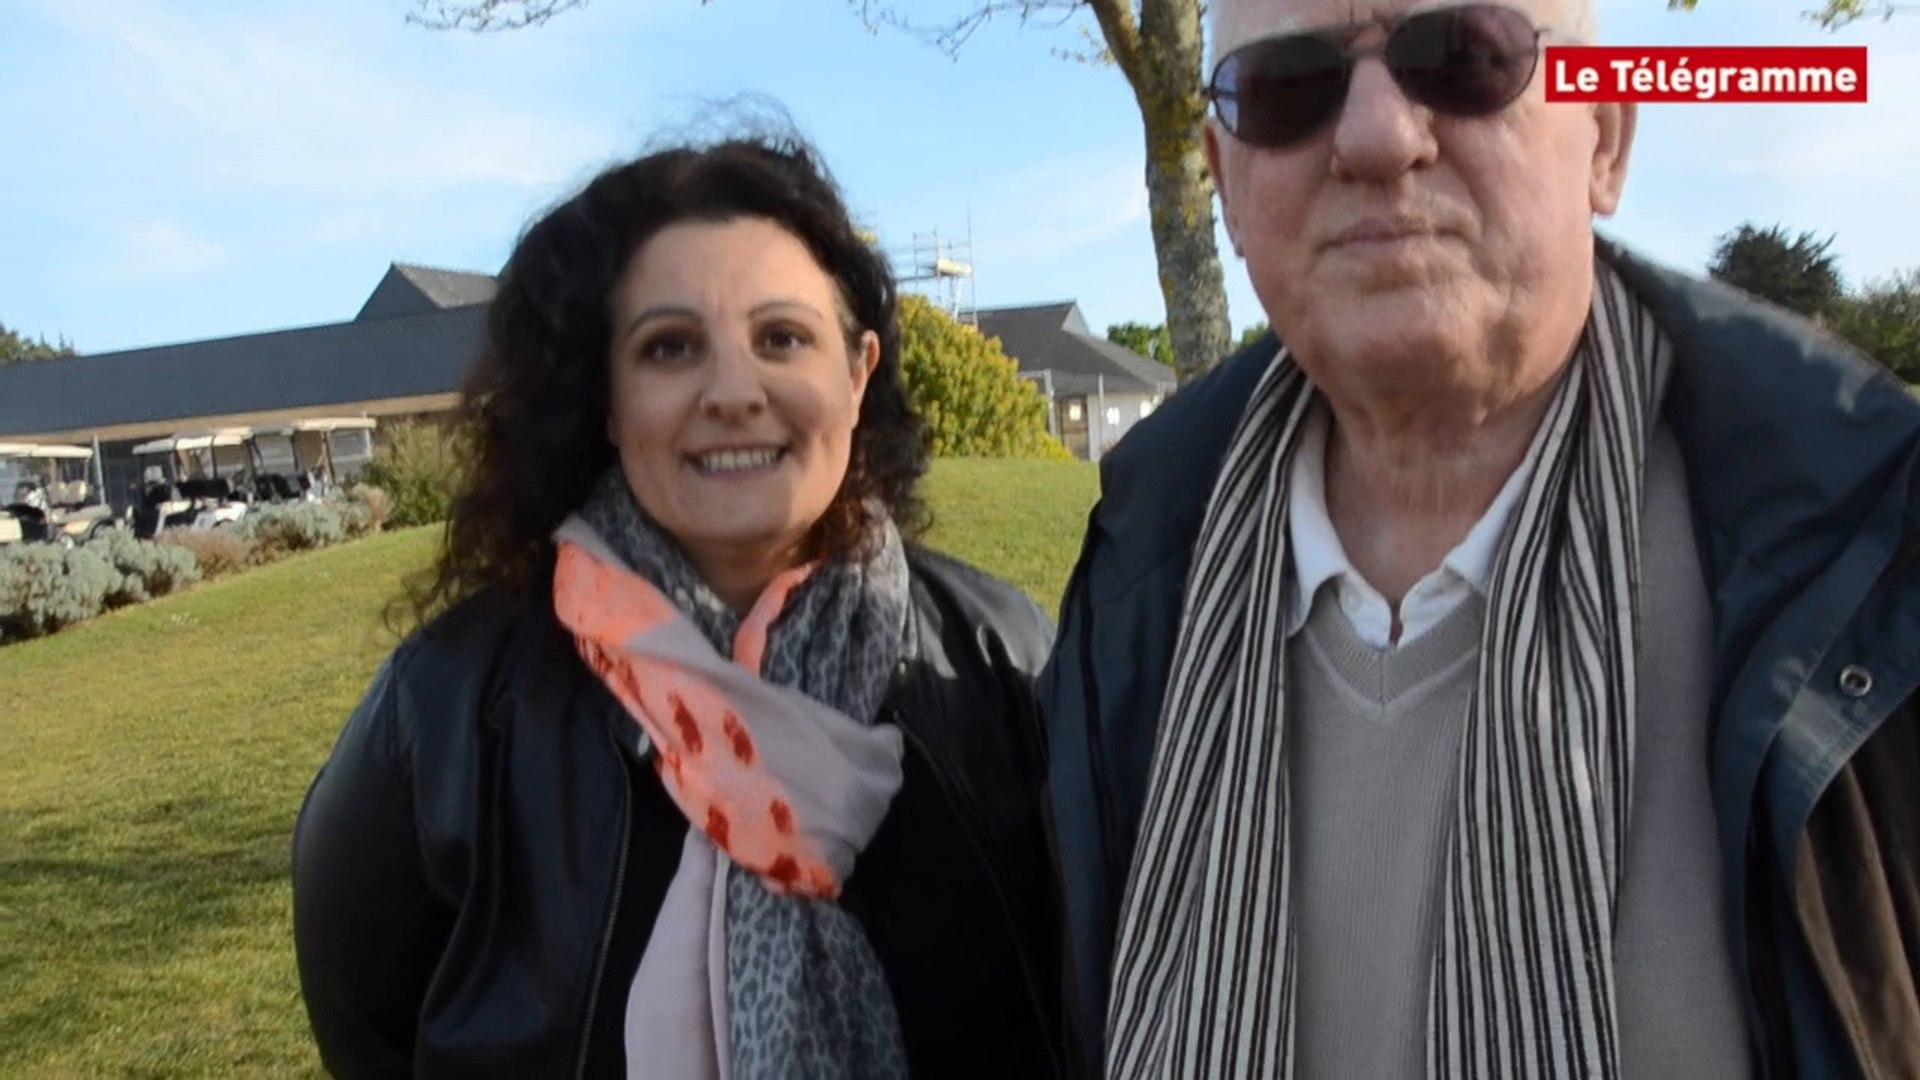 Baden (56). Le jour où Sandrine a sauvé la vie de Raymond